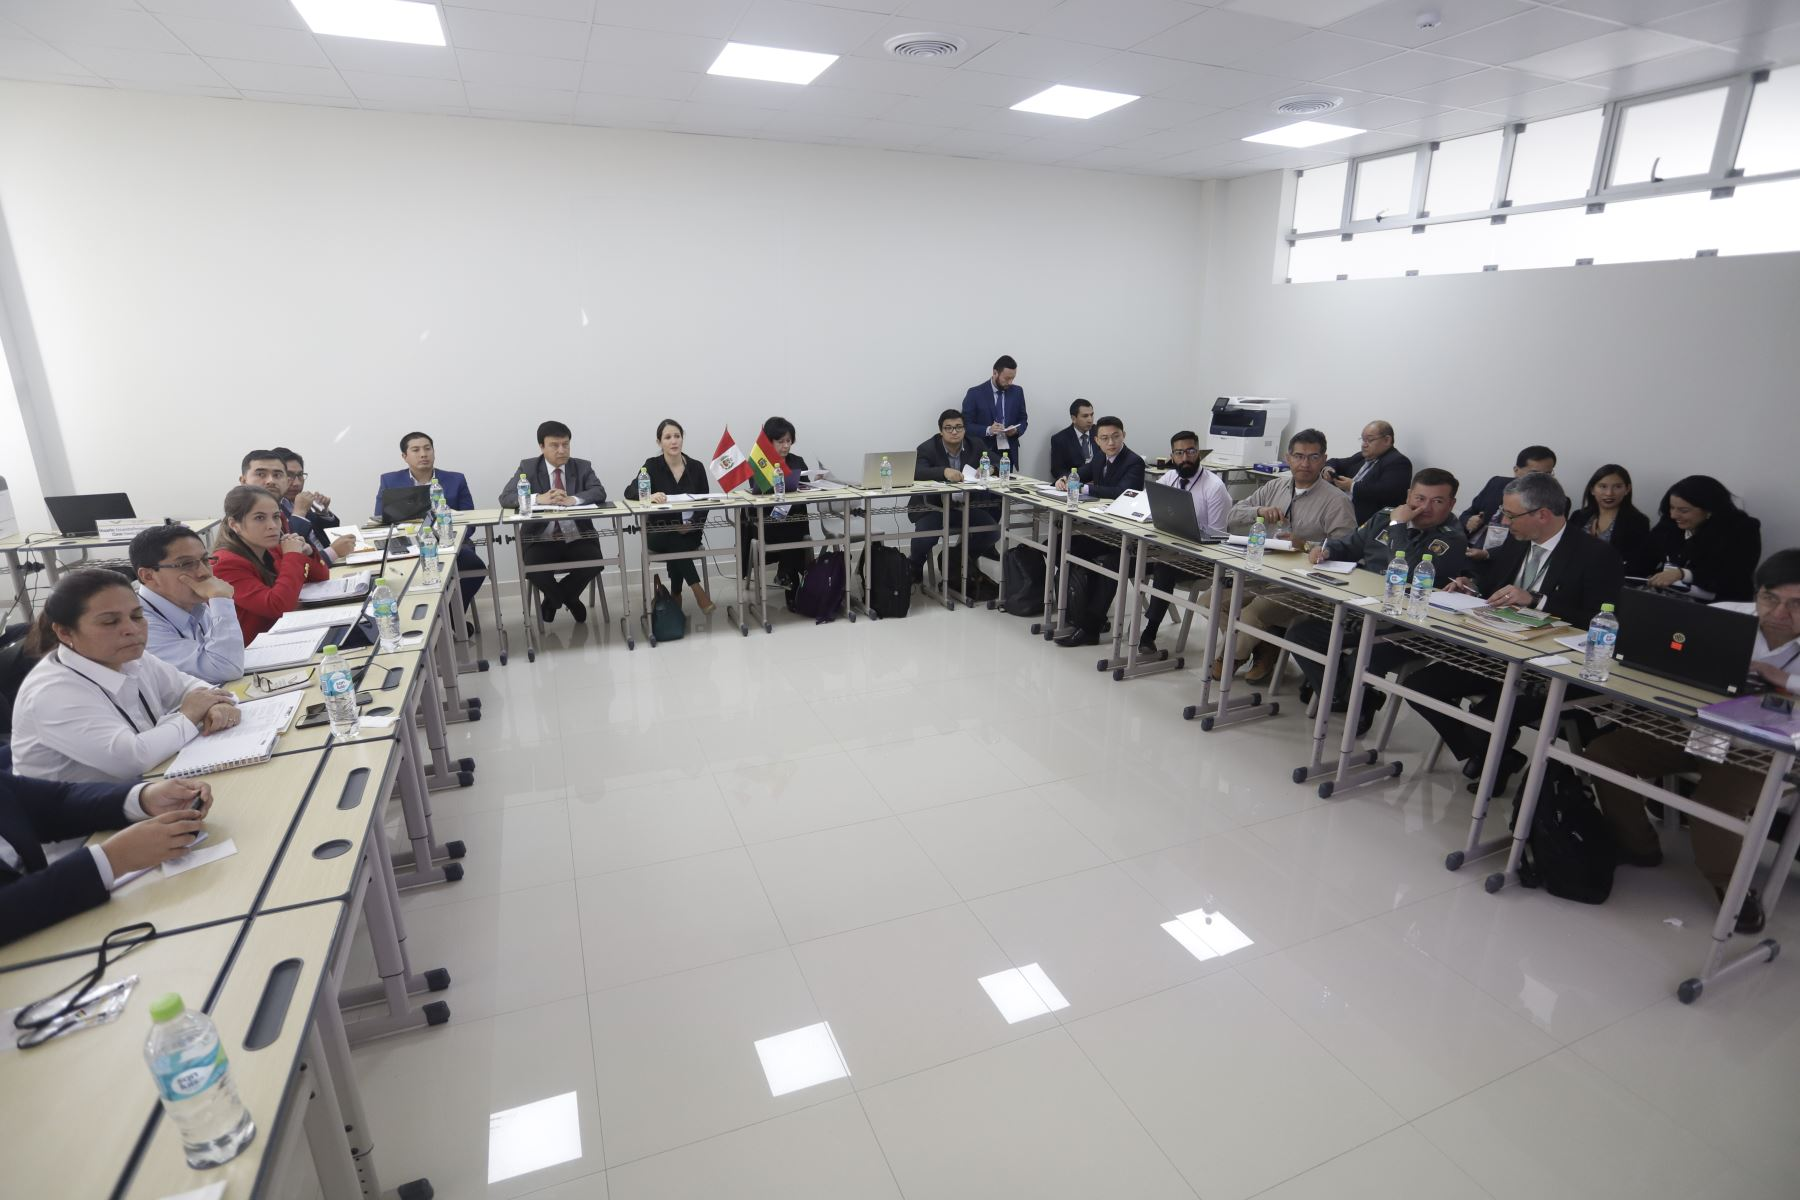 Inicio de gabinete binacional Perú - Bolivia, en el puerto de Ilo. Foto.ANDINA/Prensa Presidencia